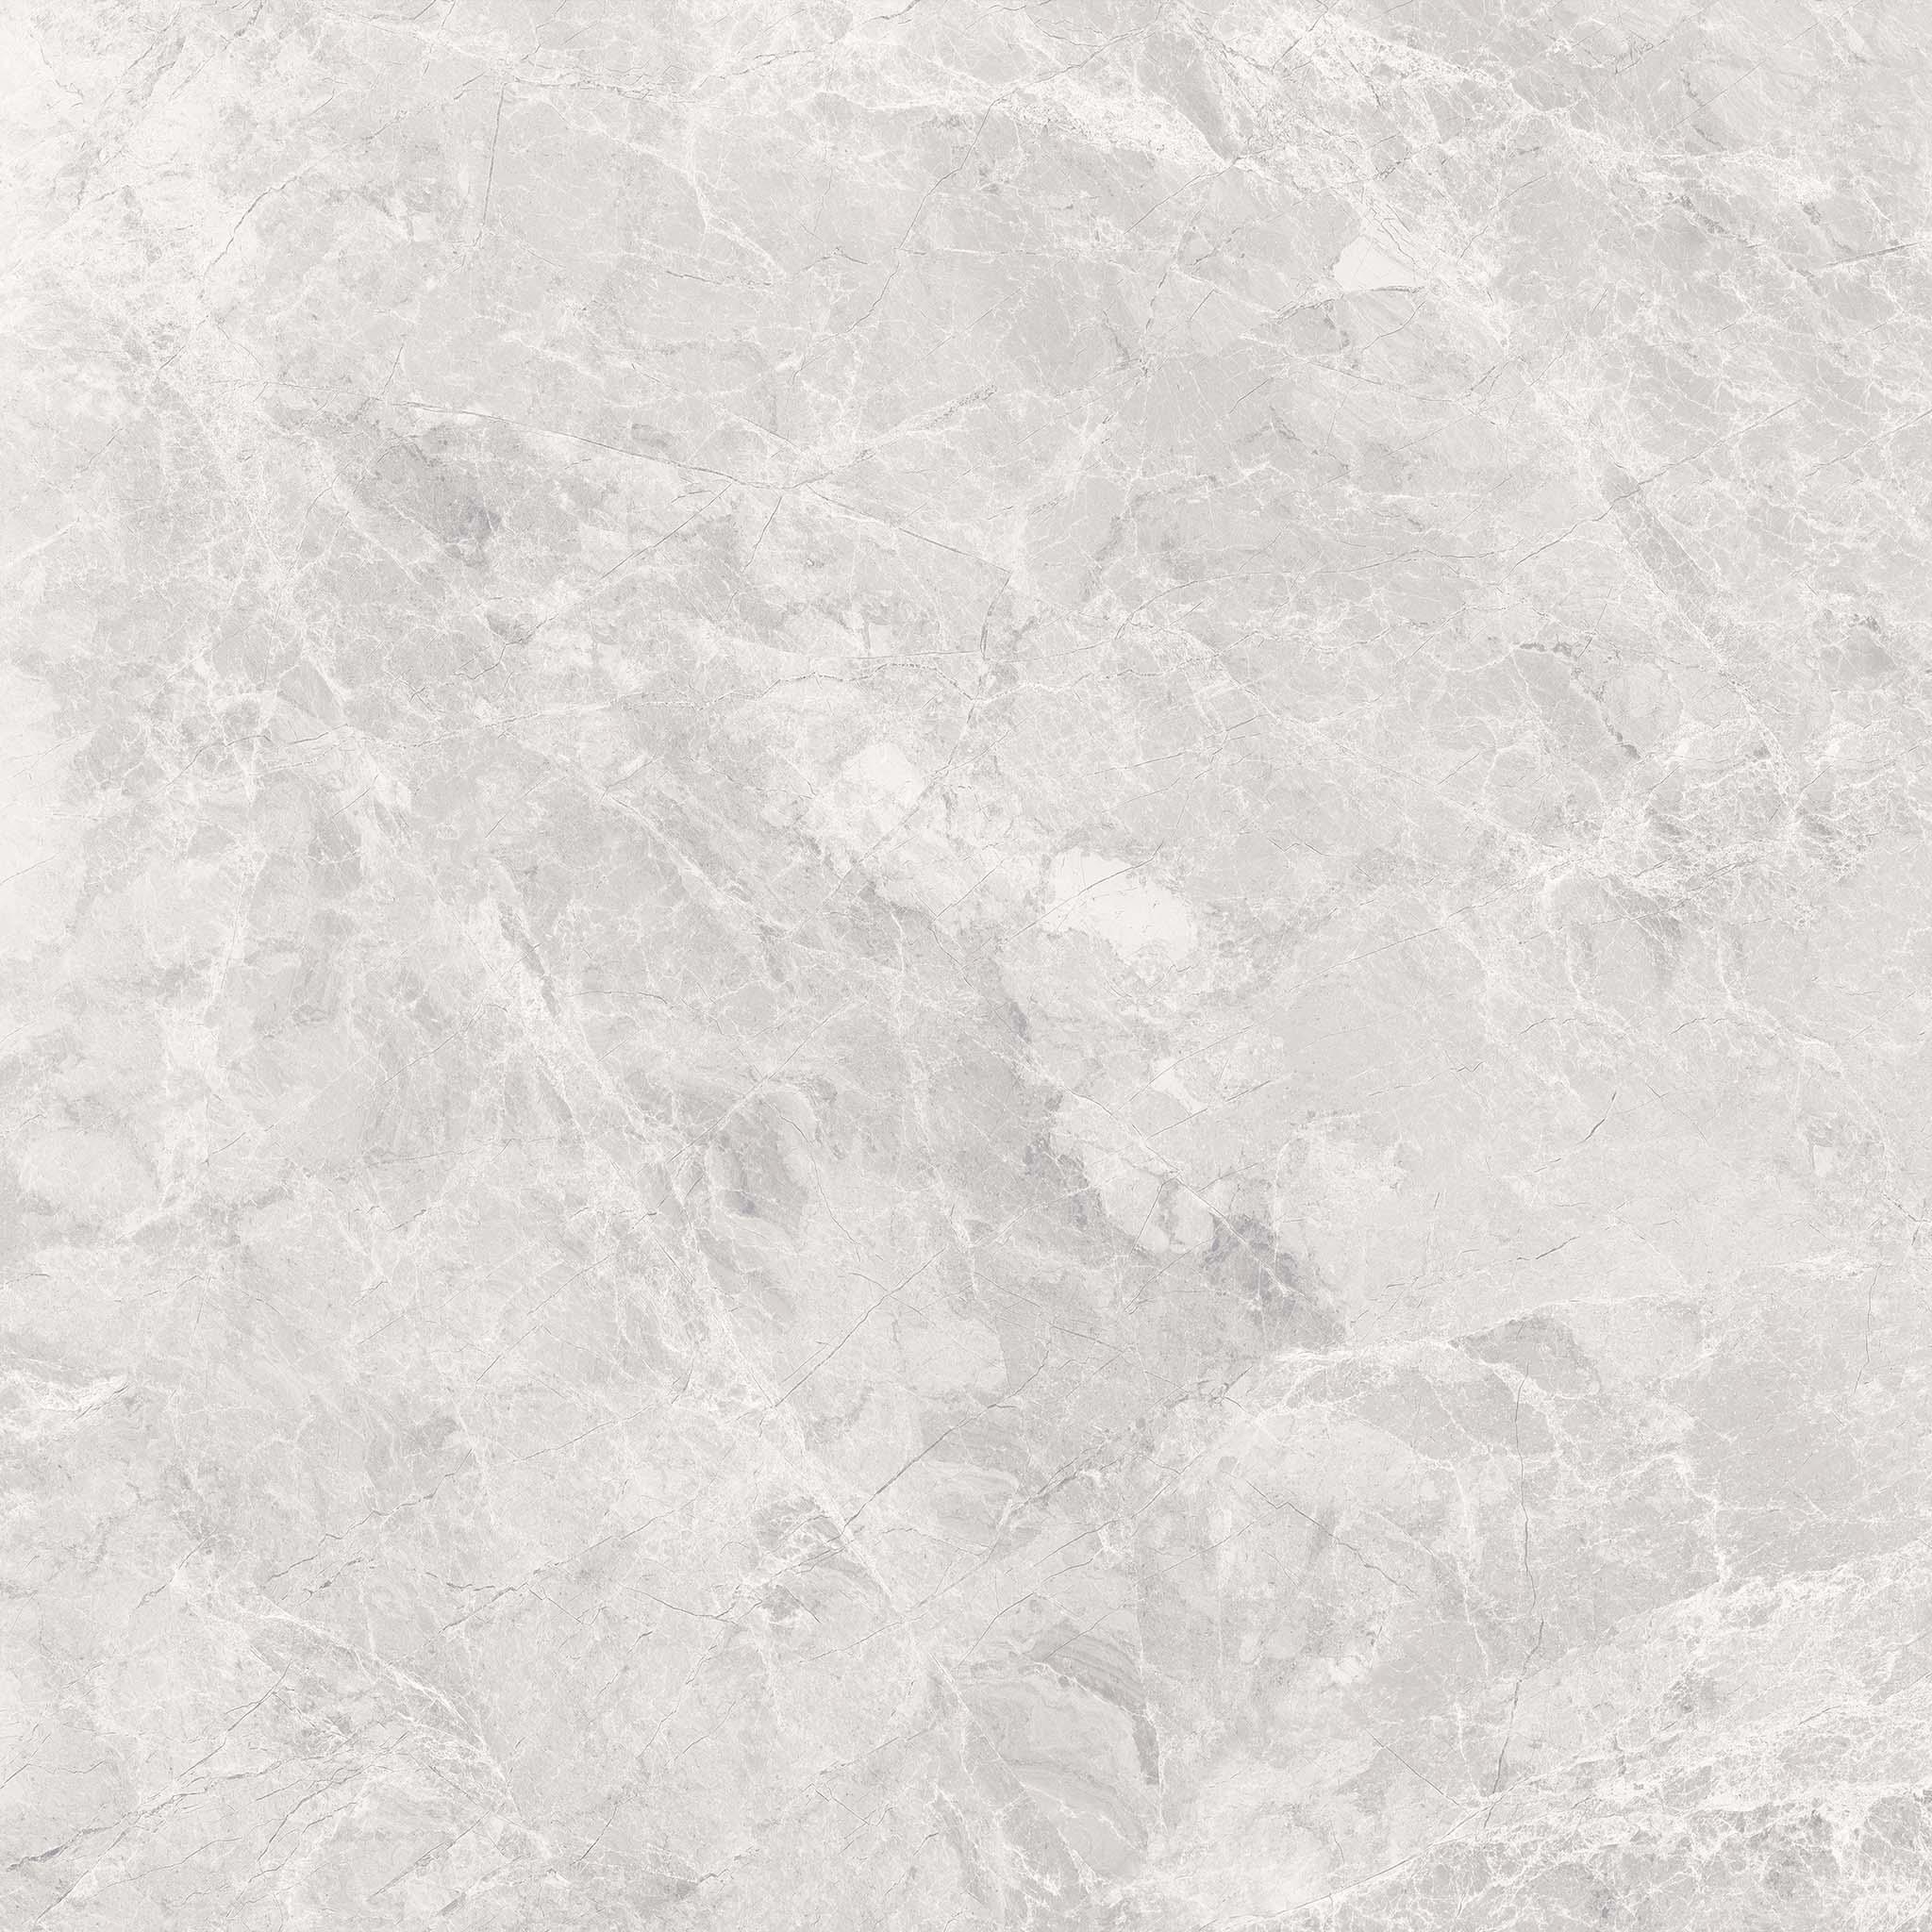 利华800×800通体大理石-P8T03L1玛雅灰